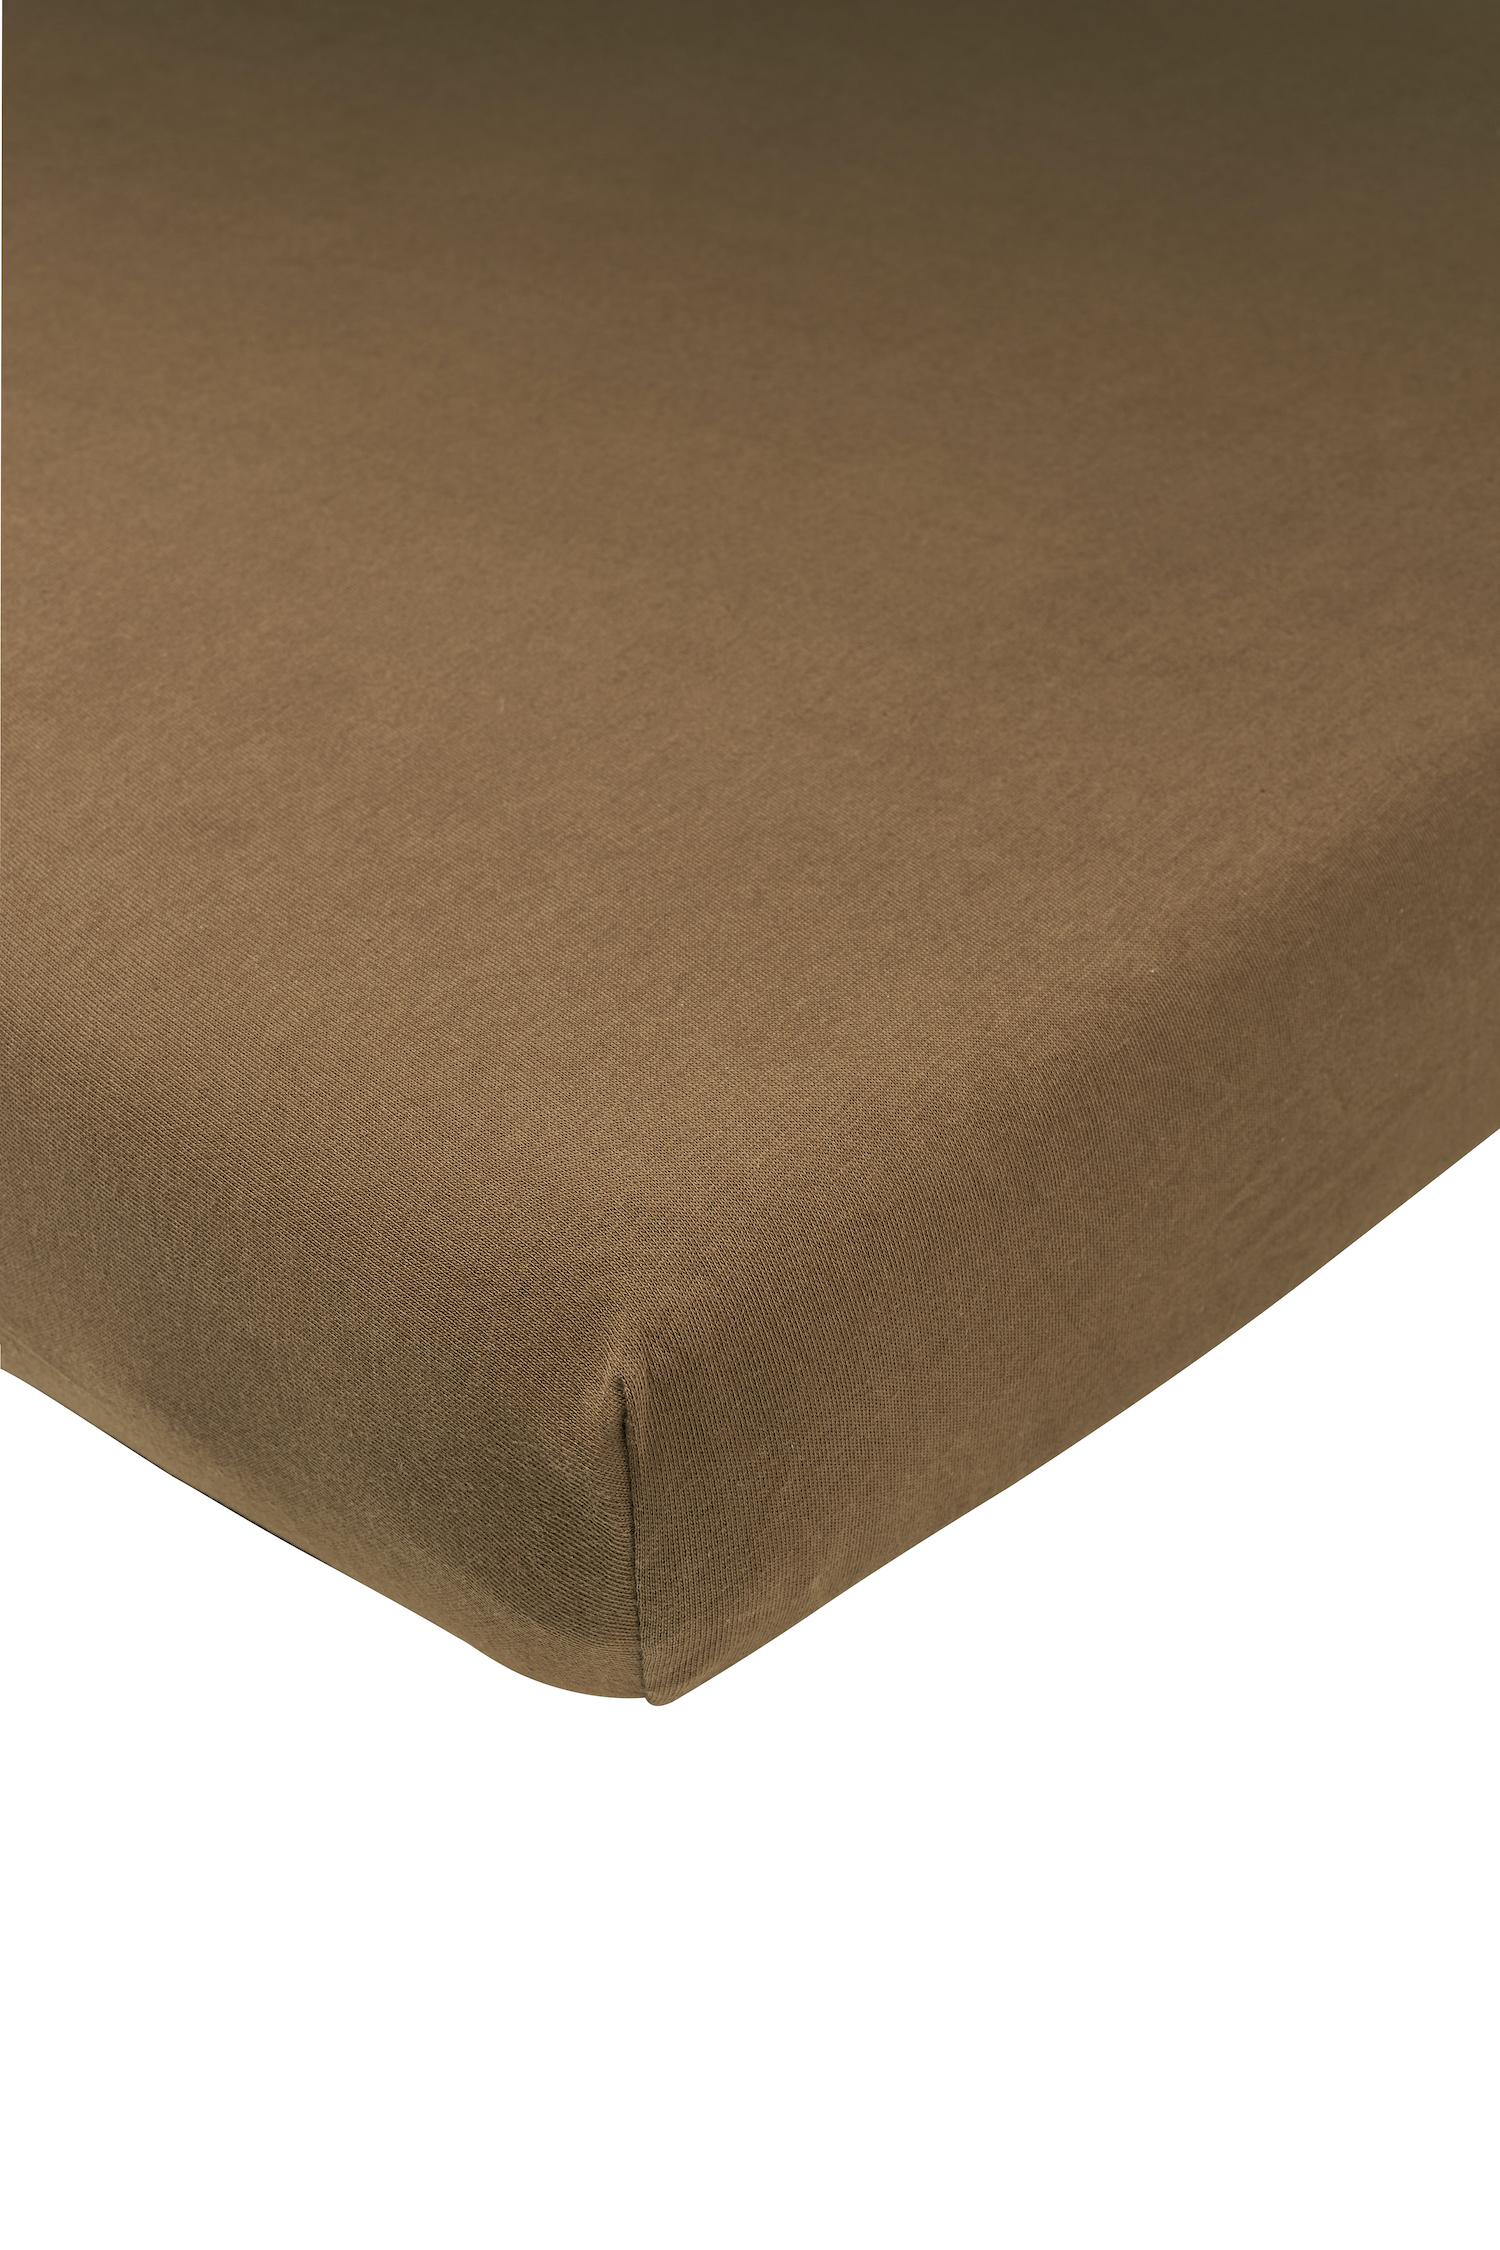 Jersey Spannbettlaken - Chocolate - 40x80/90cm